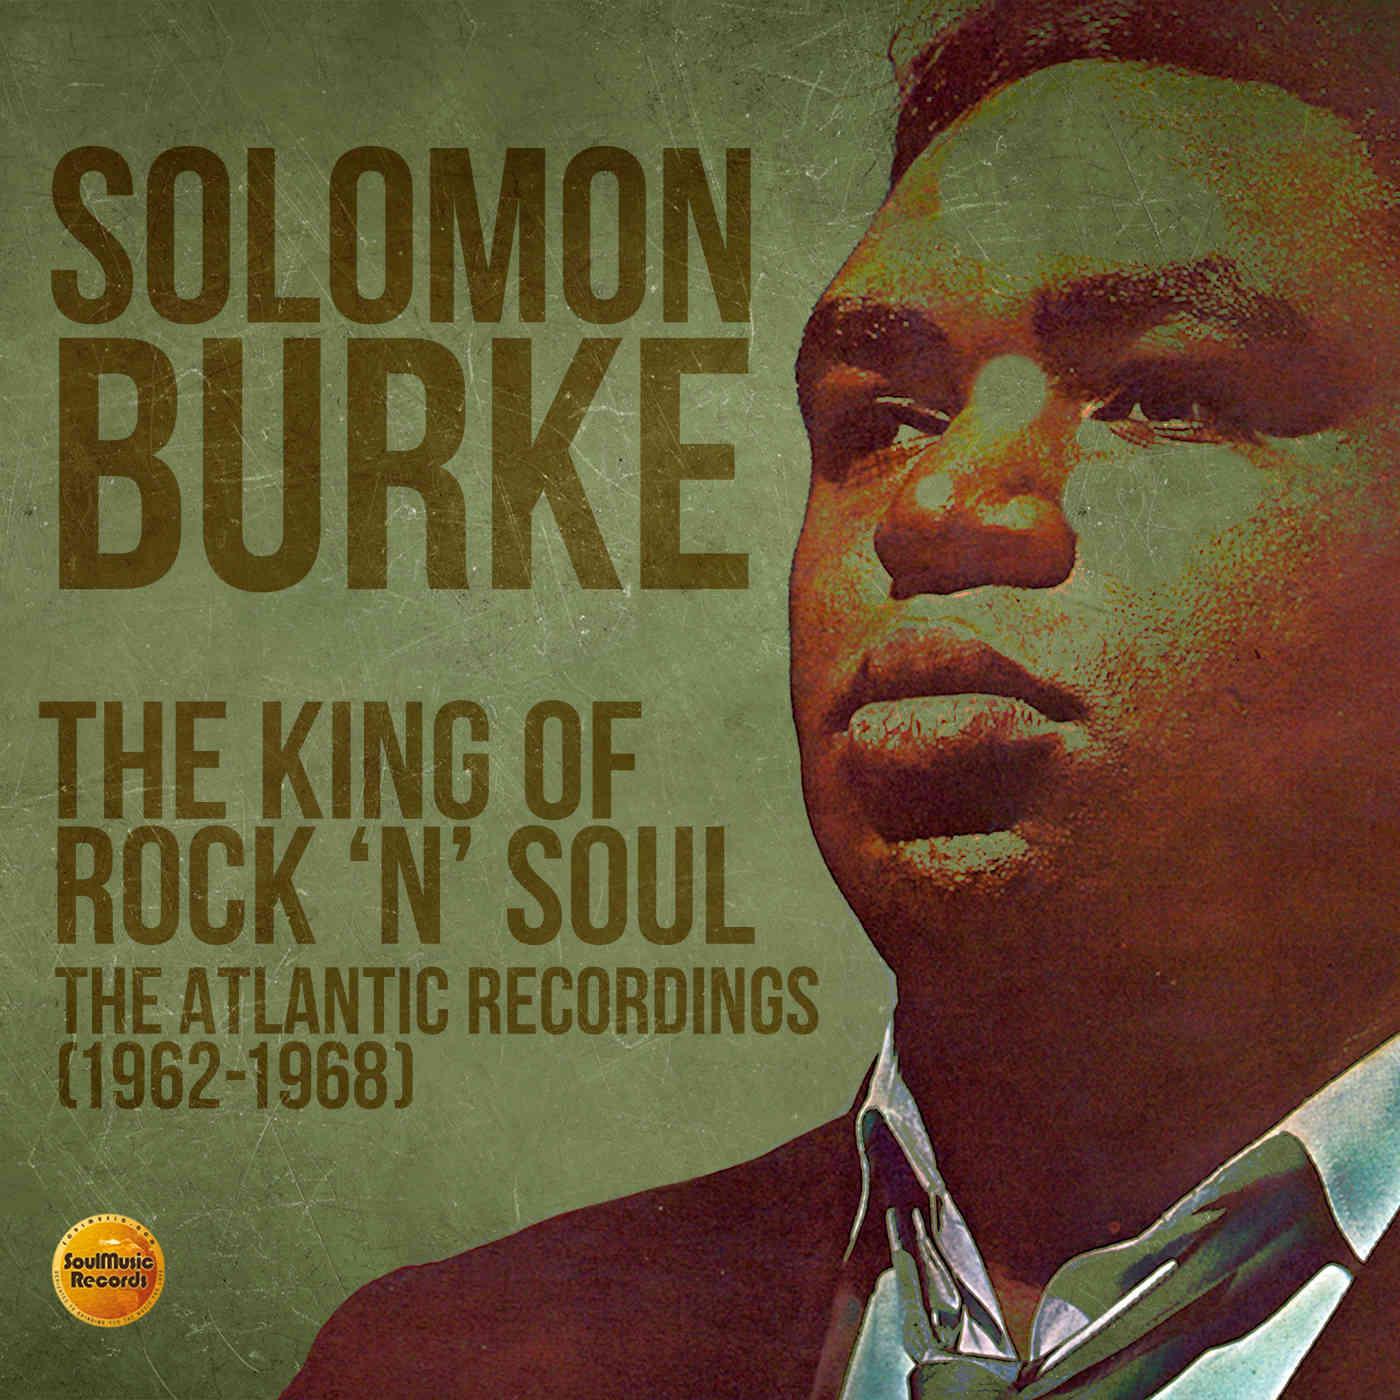 ¡Larga vida al CD! Presume de tu última compra en Disco Compacto - Página 6 SOLOMON-BURKE-3CD